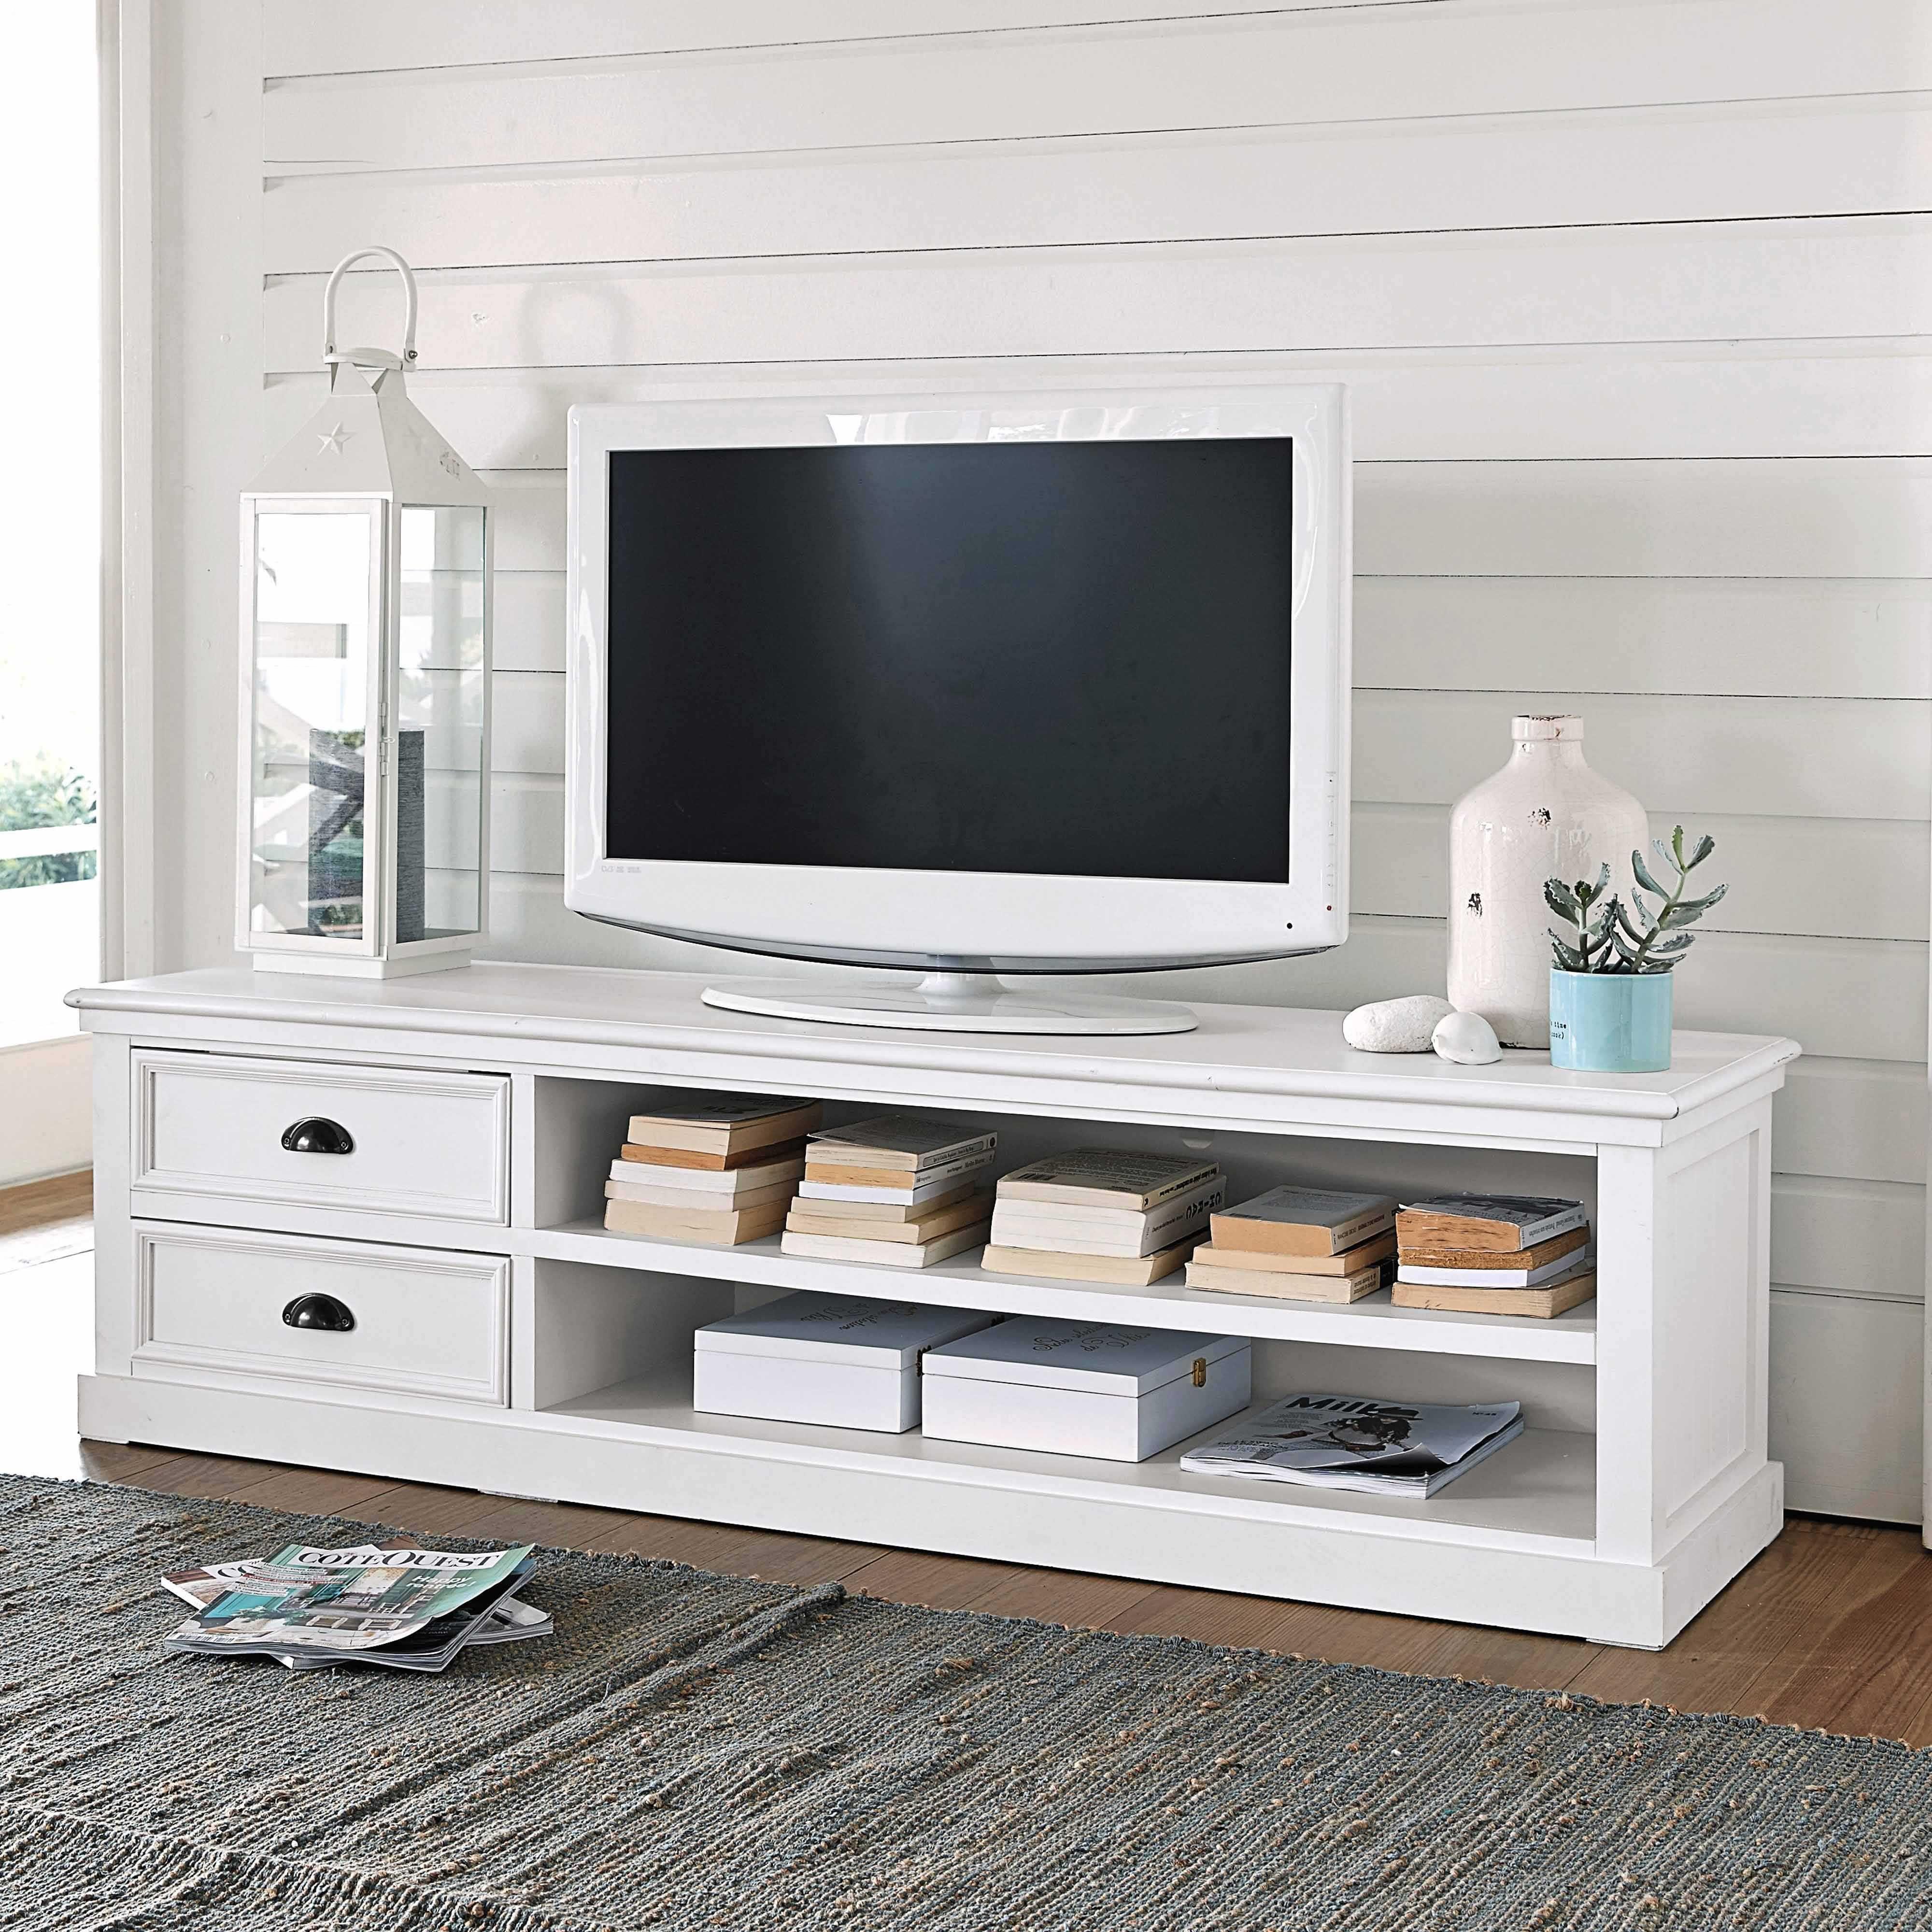 Libreria Porta Tv Maison Du Monde.Porta Tv A 2 Cassetti Bianco Designe Interni Decorazione